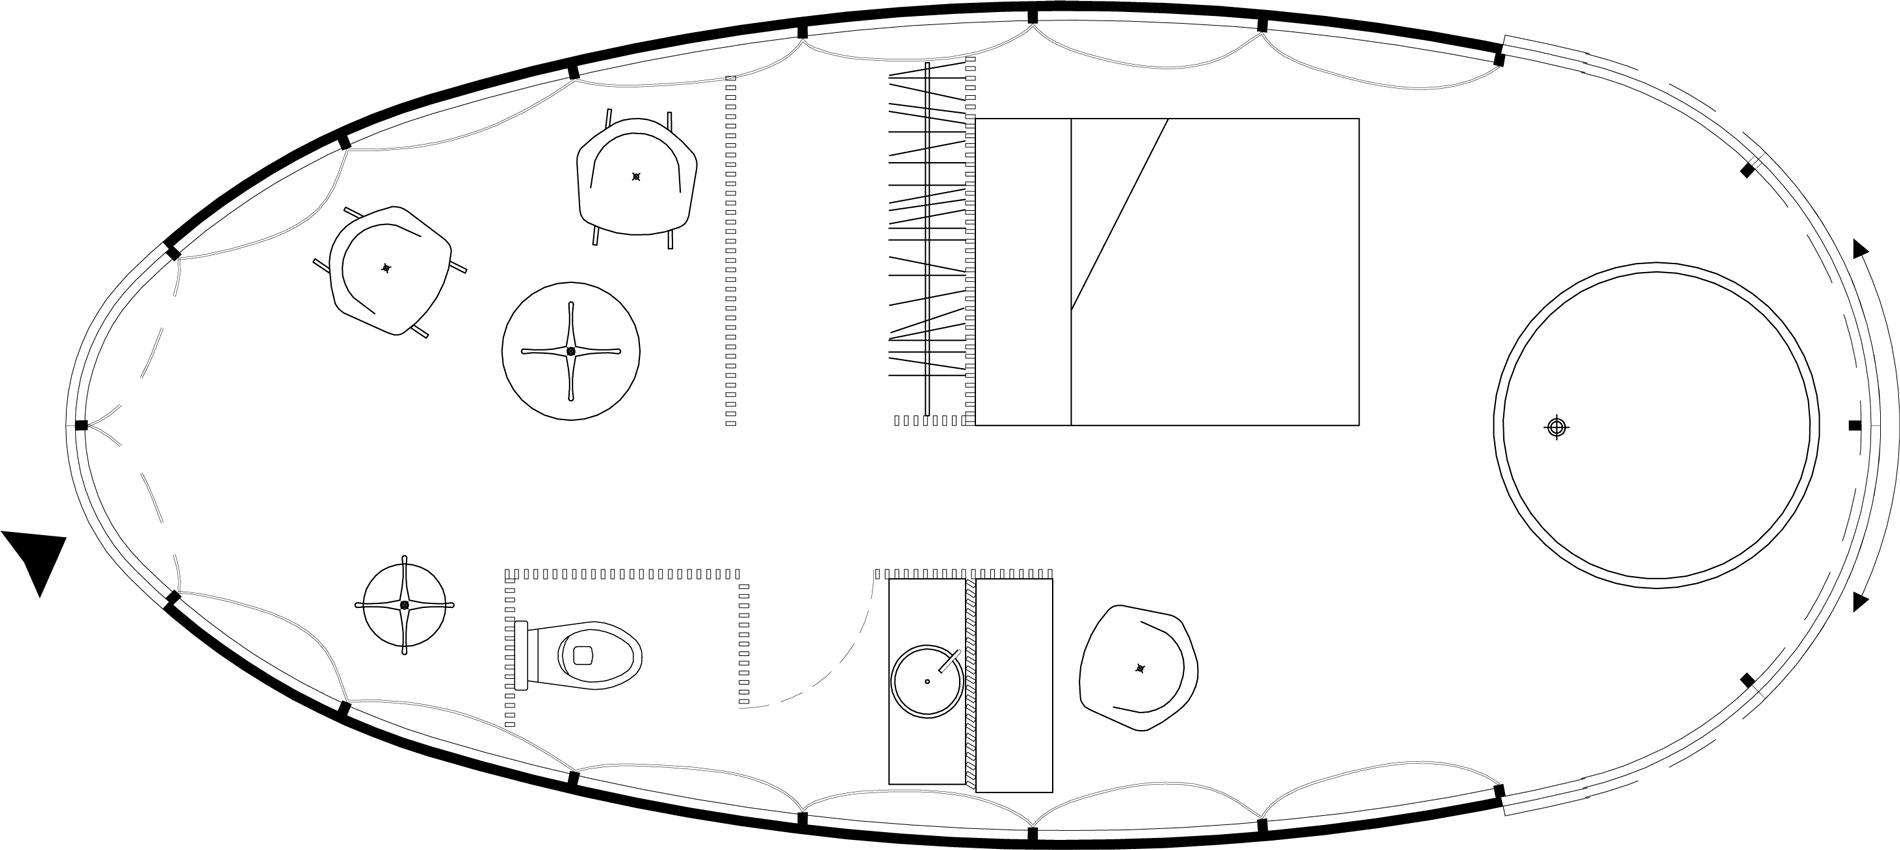 Plan de l'aménagement intérieur des cocons, avec tout le confort d'une chambre d'hôtel, salle d'eau, baignoire, petit salon, dressing